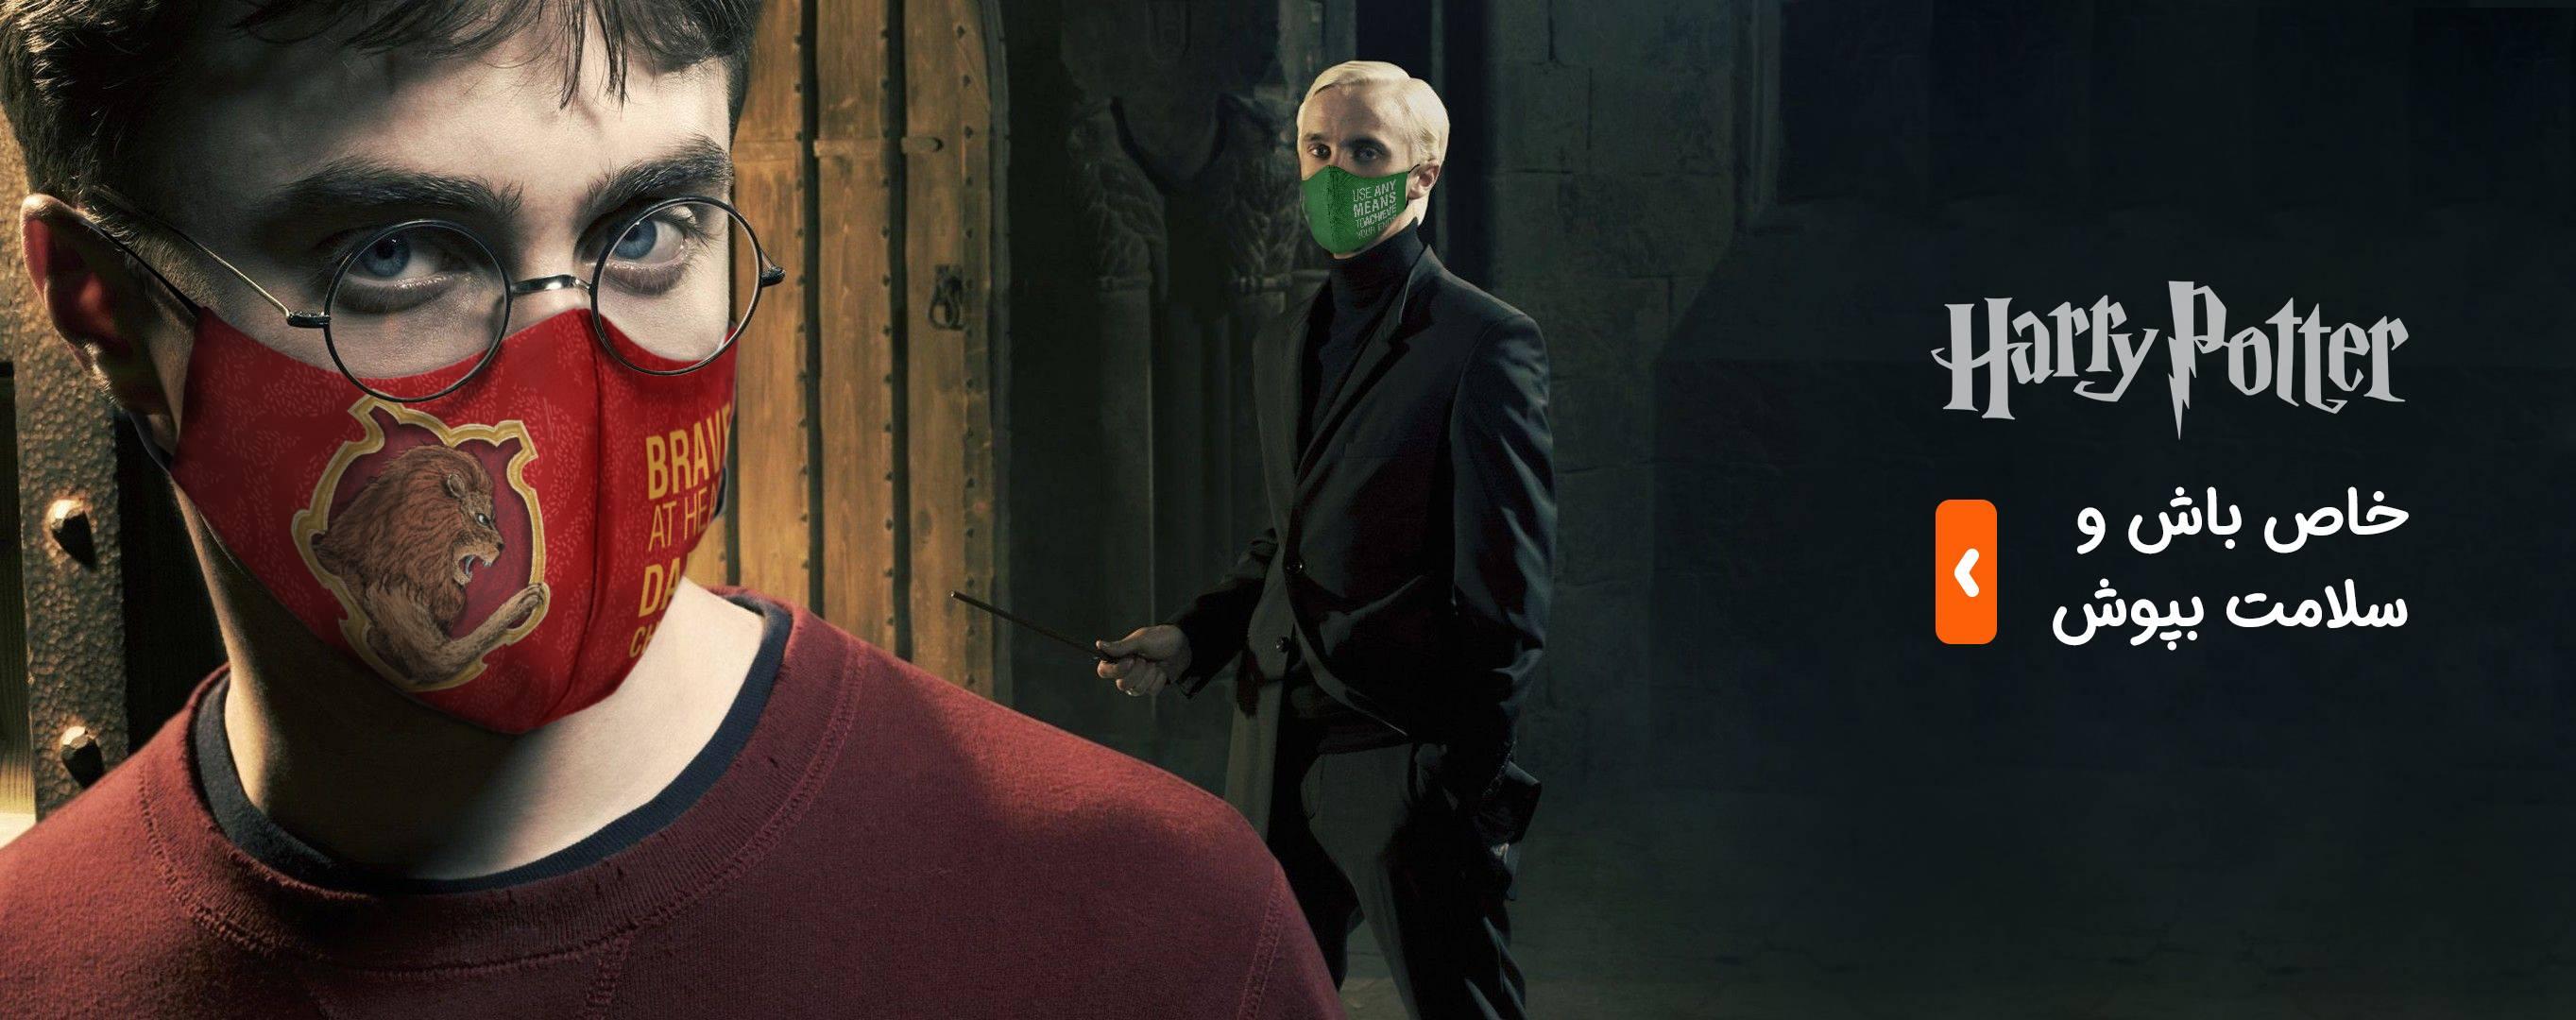 ماسک هری پاتر